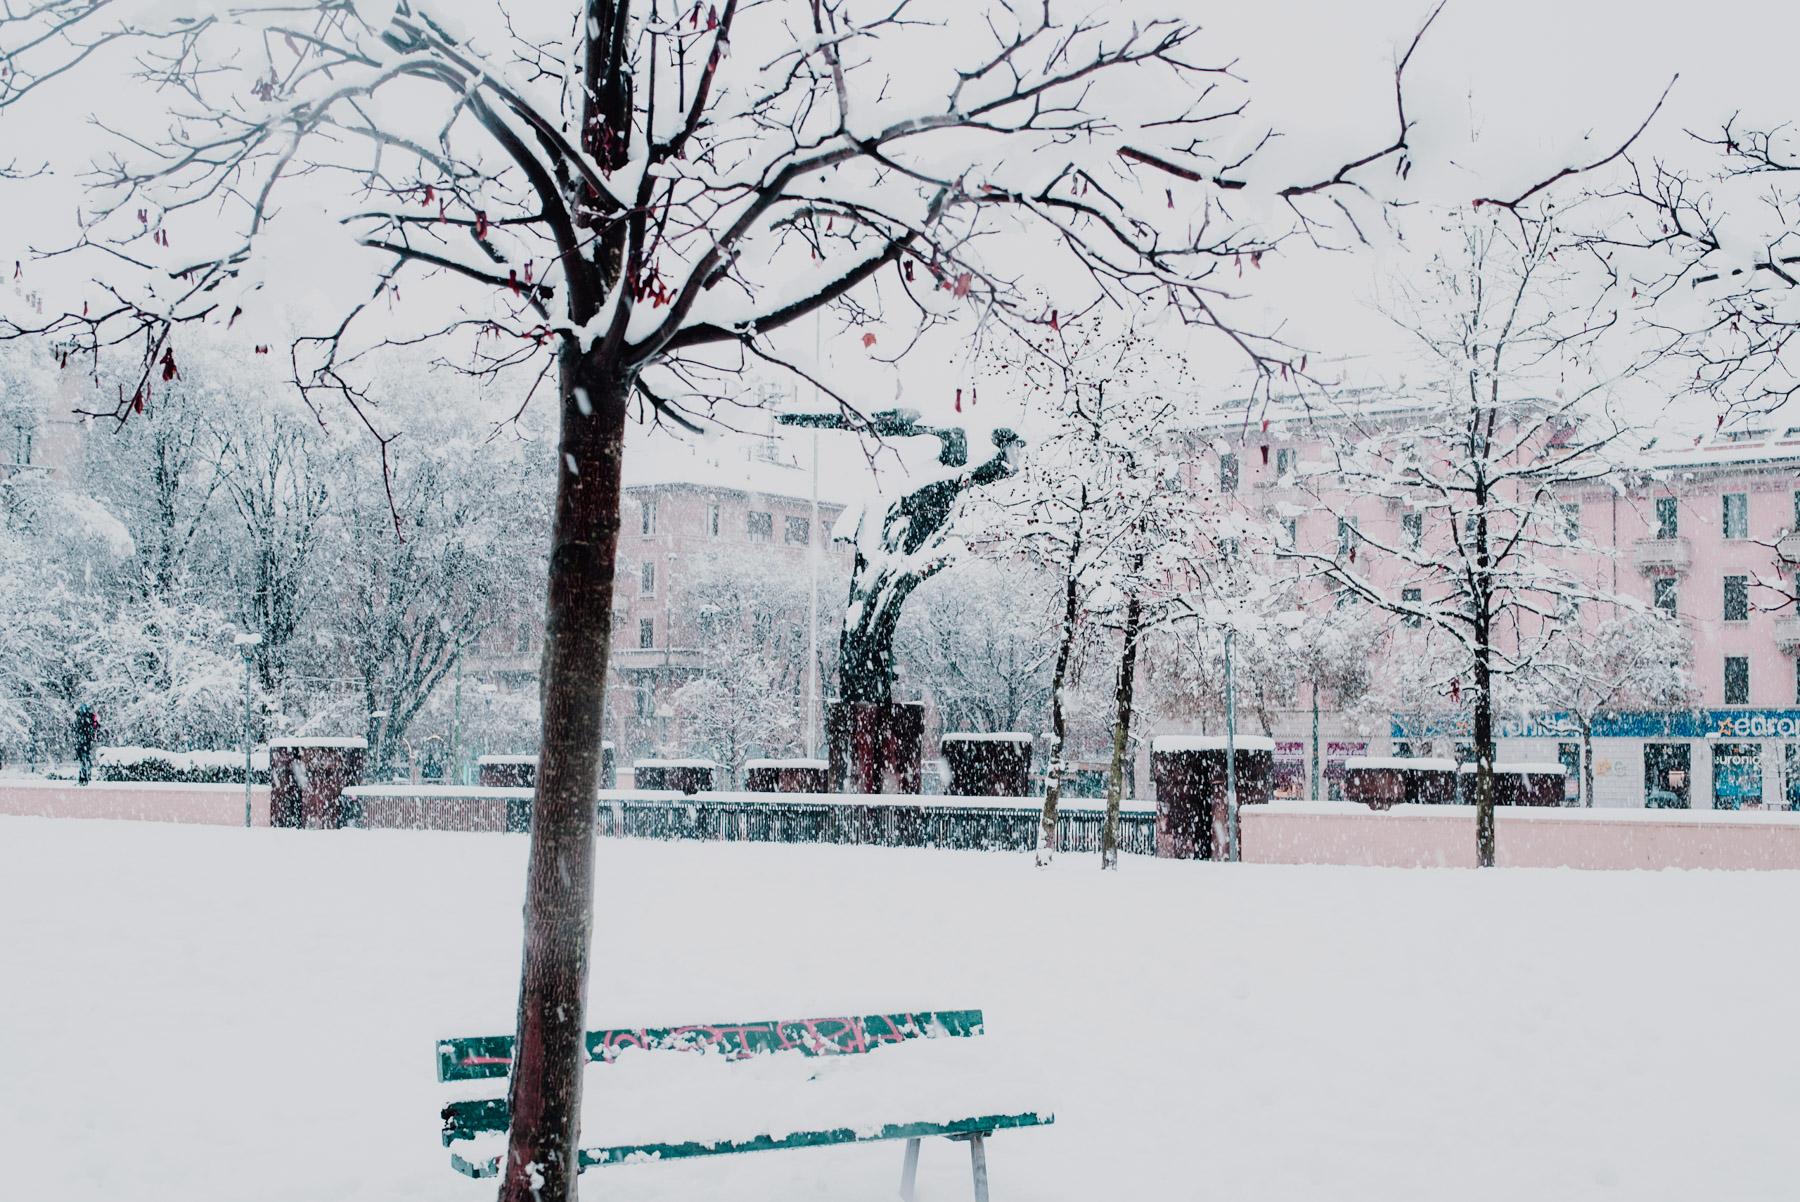 Snow in Milan on December 2020, a snowy landscape with a bench and a tree covered in snow, nevicata a Milano a dicembre 2020, paesaggio invernale con una panchina e un albero entrambi coperti dalla neve